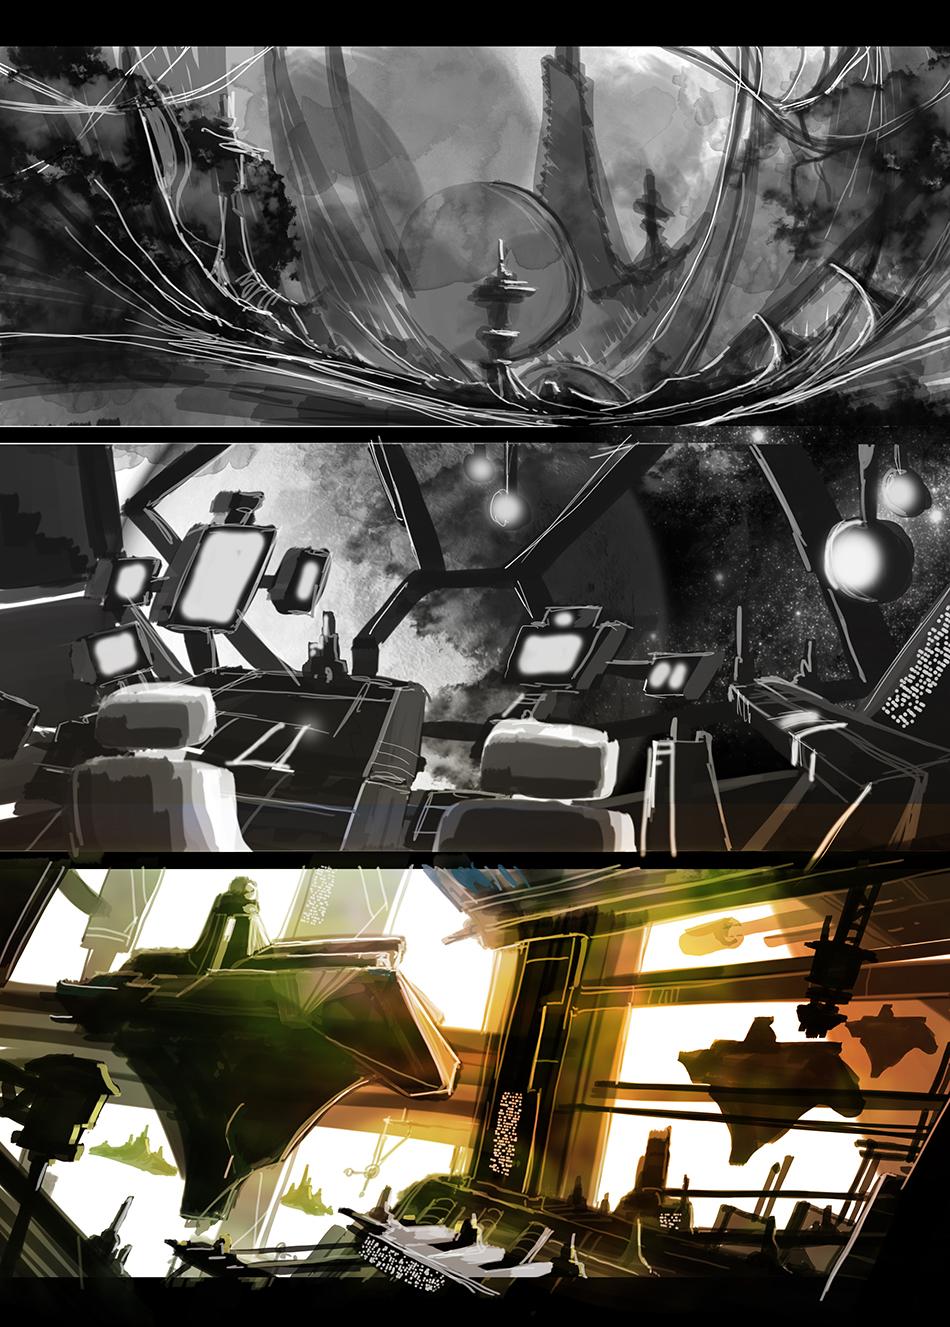 planetdock_08